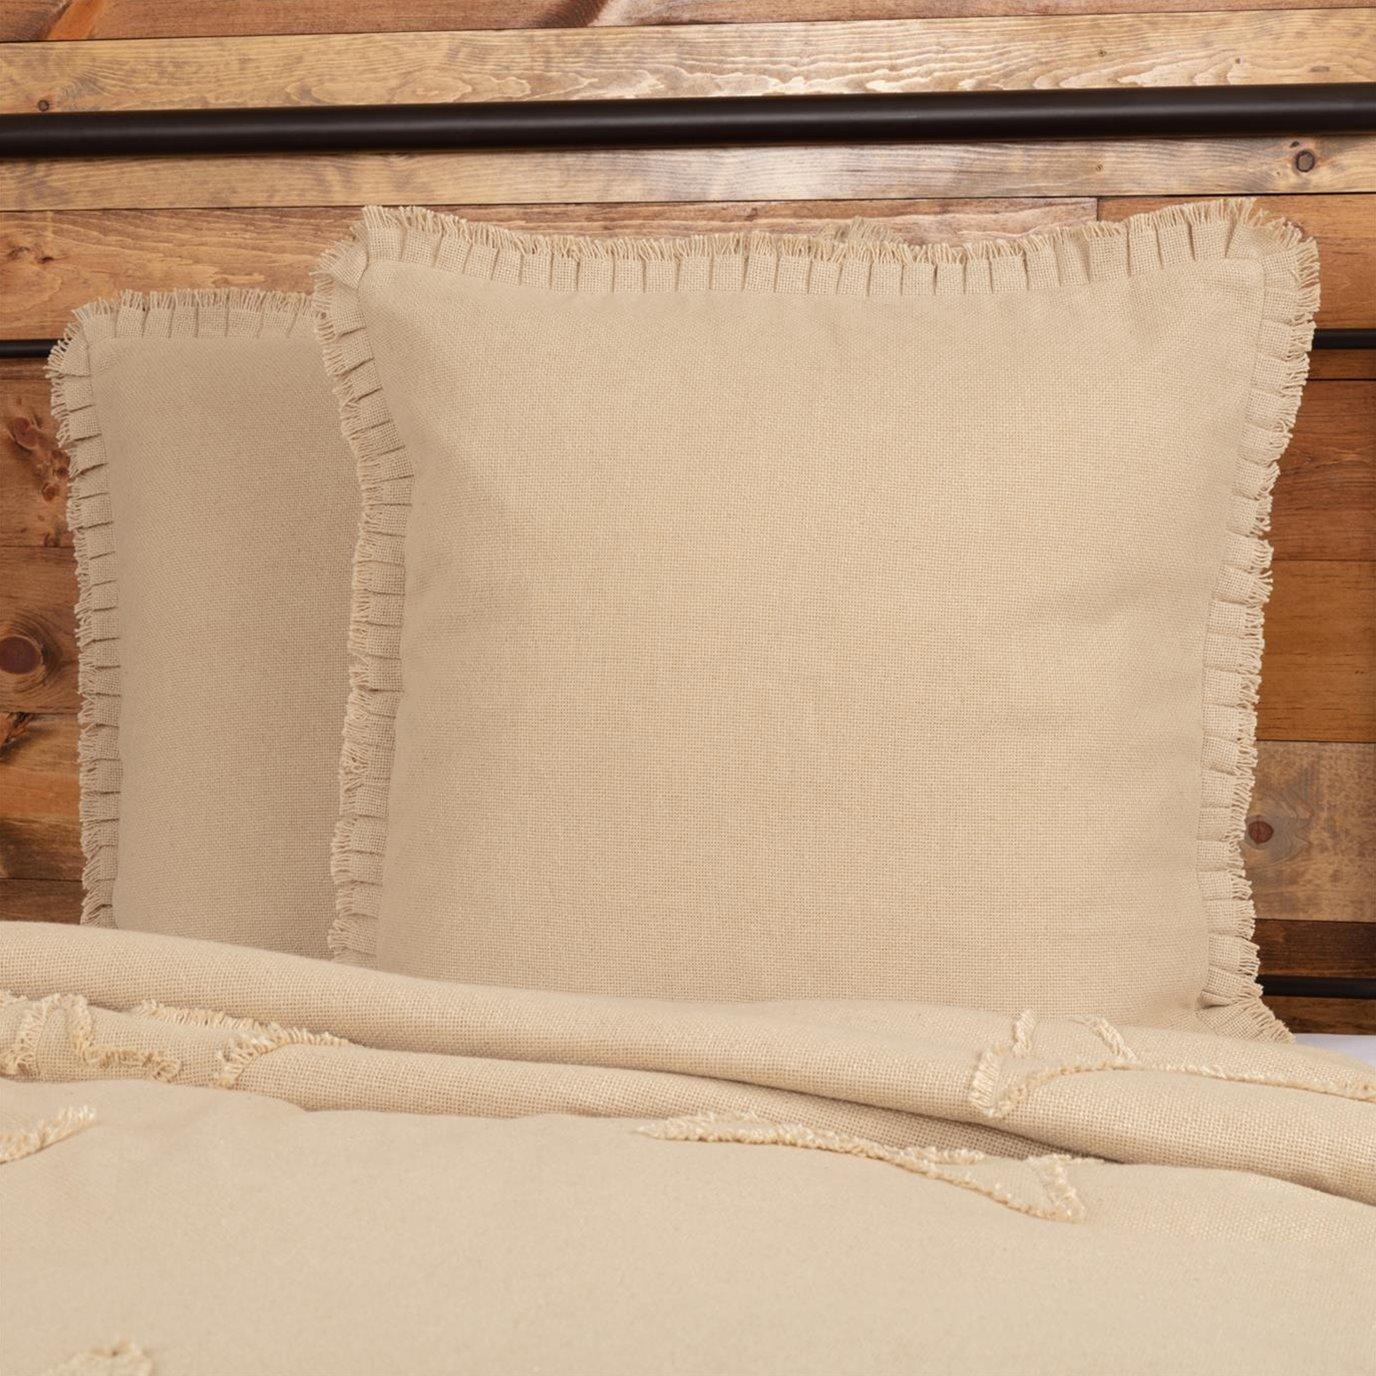 Burlap Vintage Fabric Euro Sham w/ Fringed Ruffle 26x26